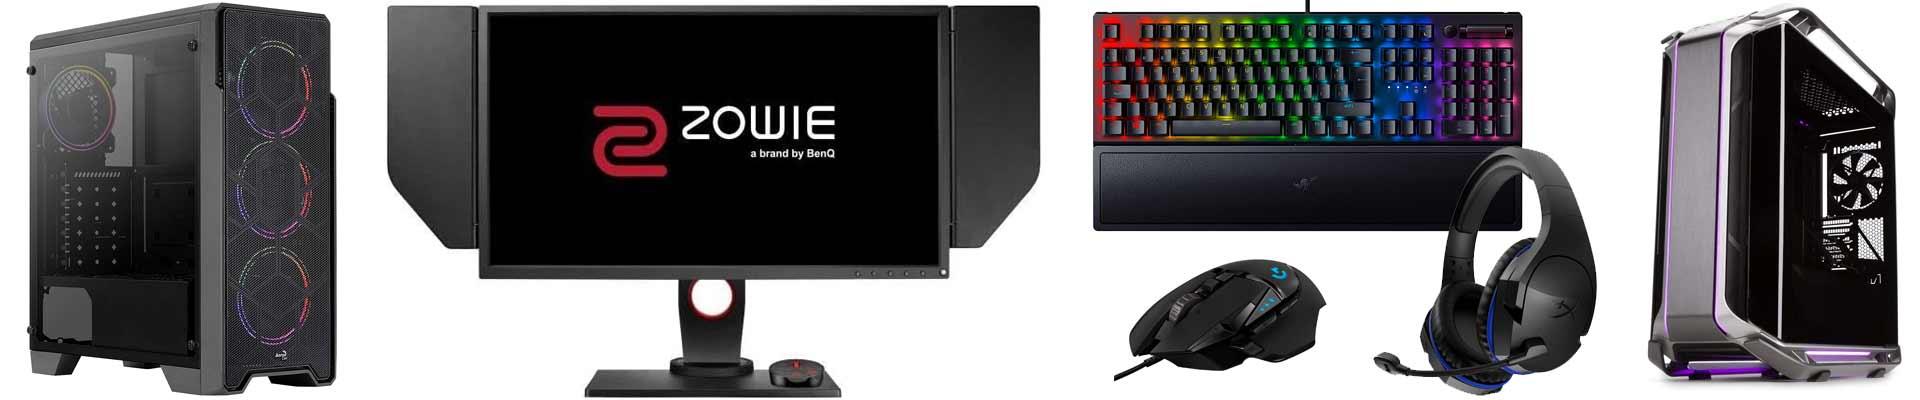 Comprar el Mejor PC Gaming. COmparativa. Review. PC Juegos